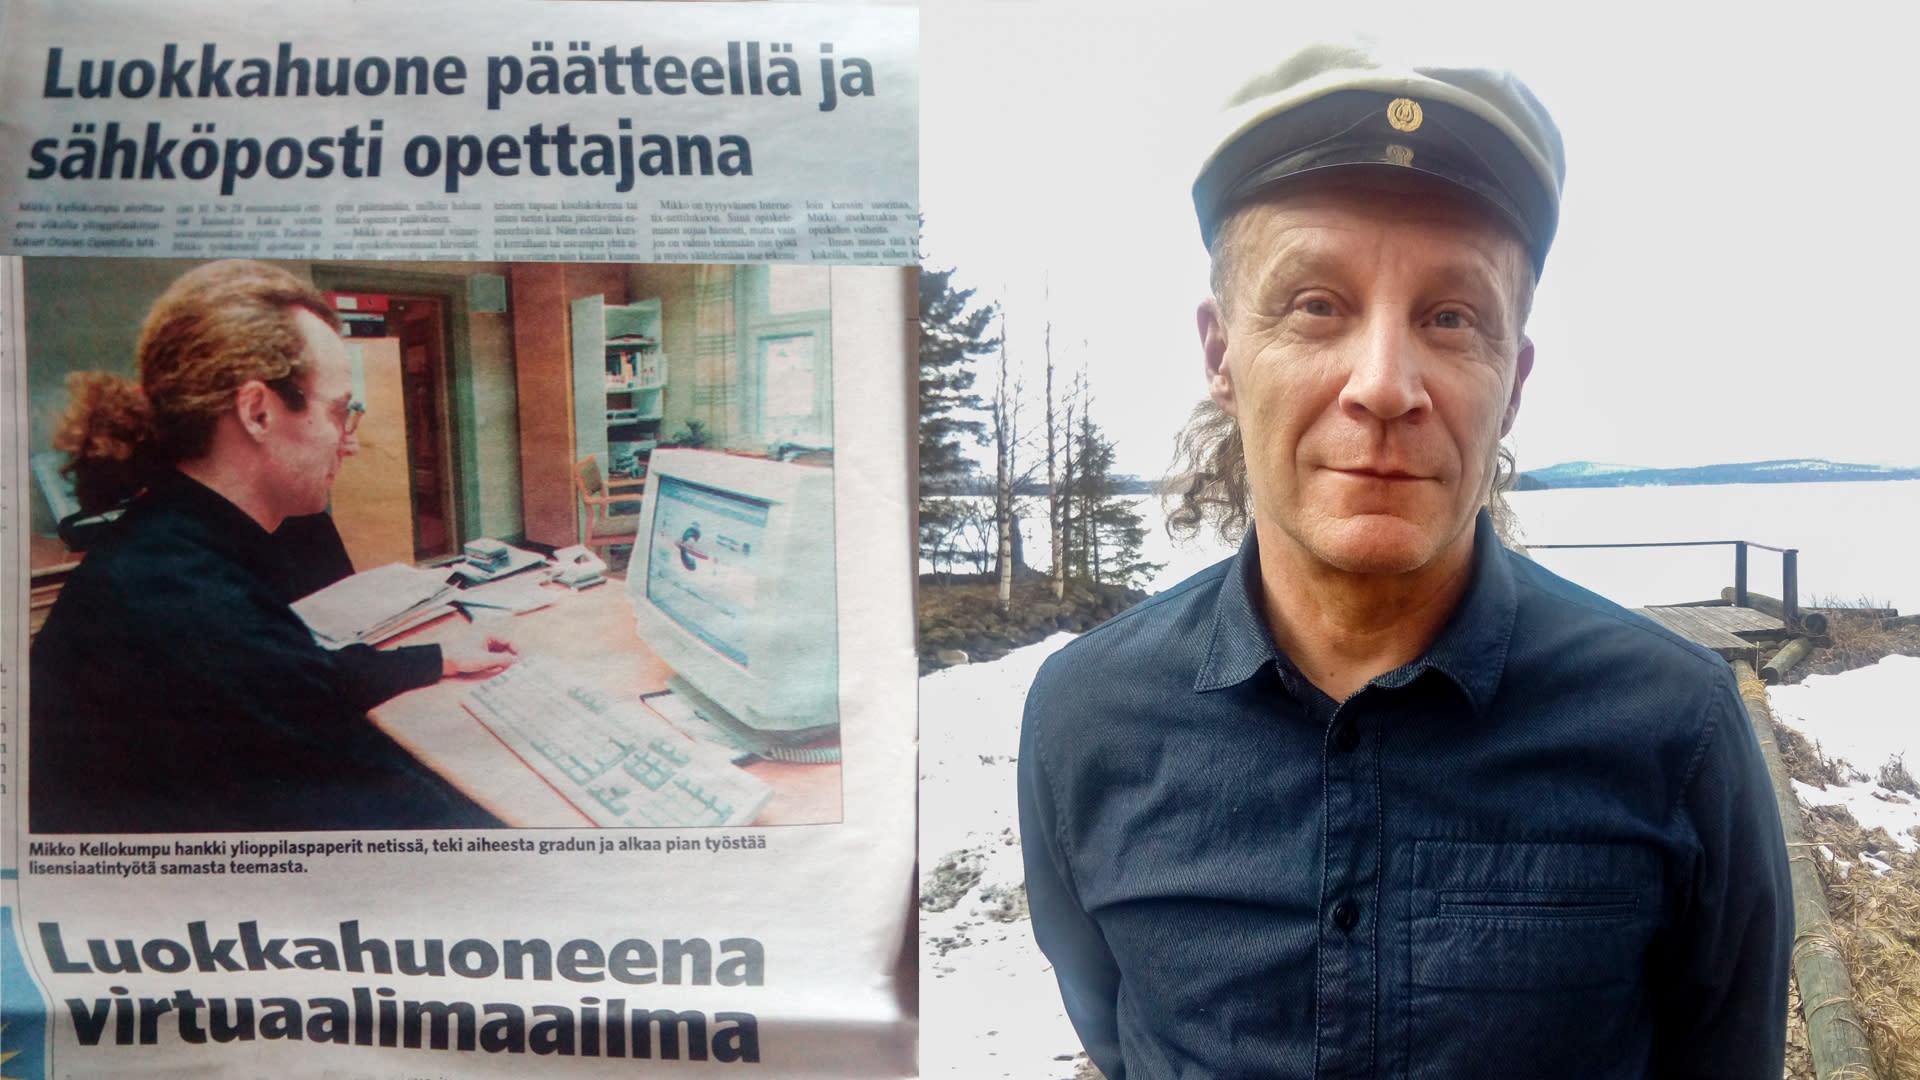 Lehtileike vuodelta 2000 ja Mikko Kellokumpu ylioppilaslakki päässään